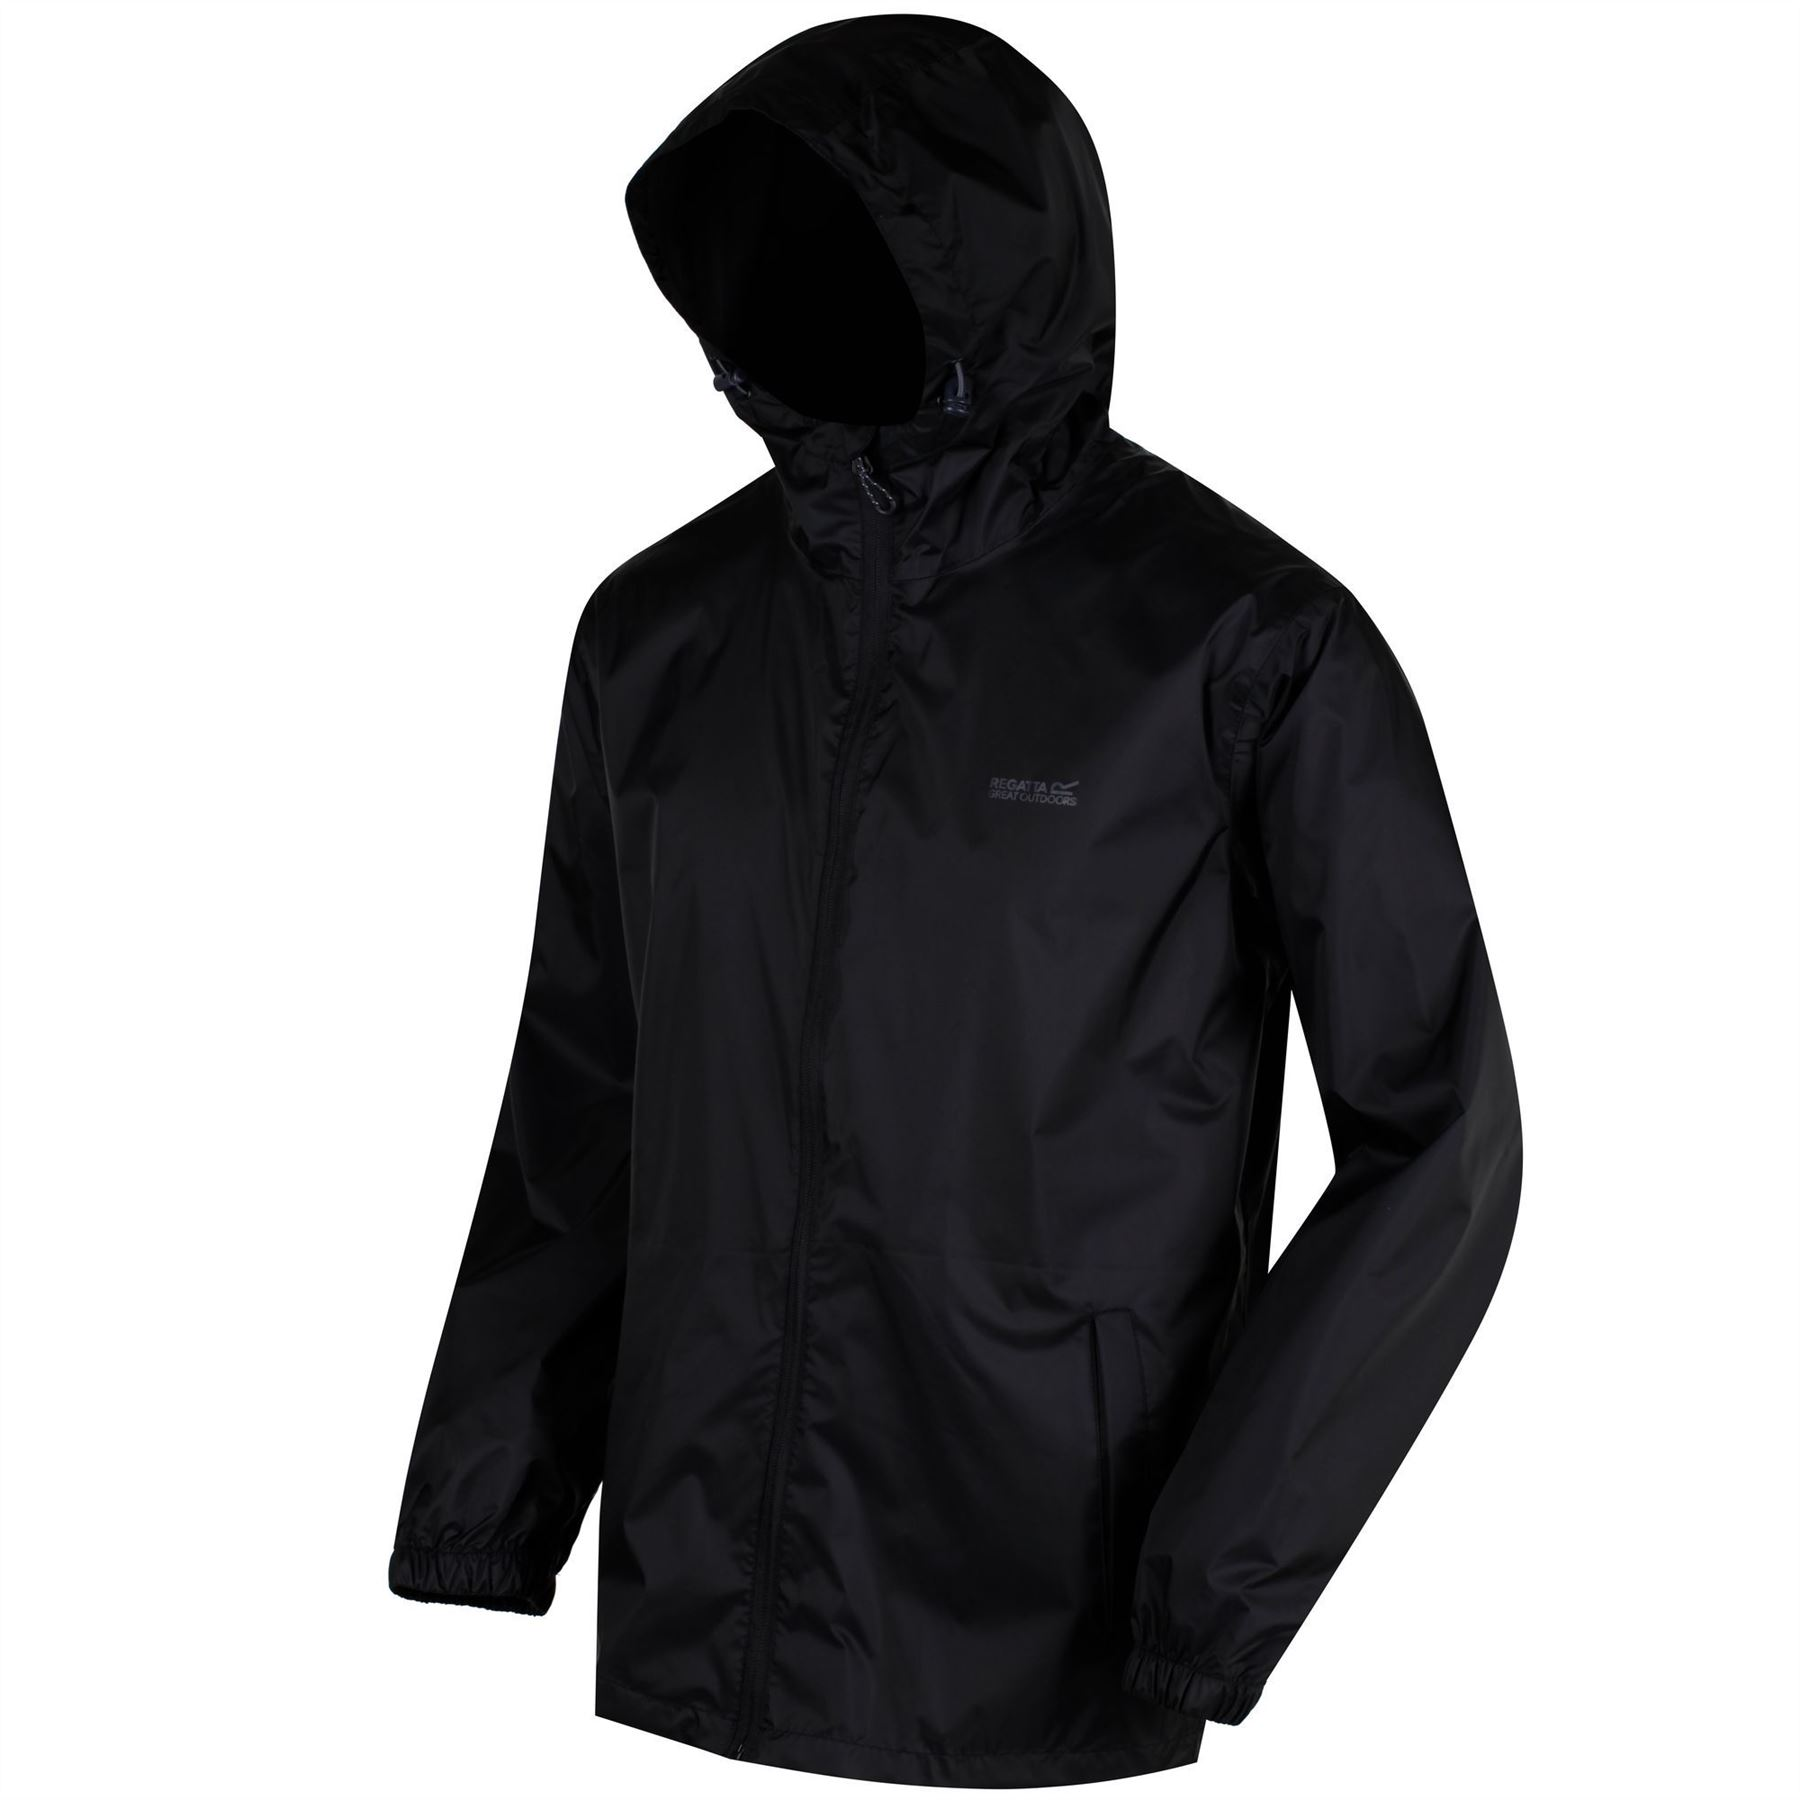 miniatuur 8 - Regatta Mens Pack-it In a bag Packable Waterproof Jacket Outdoor Pack a mac